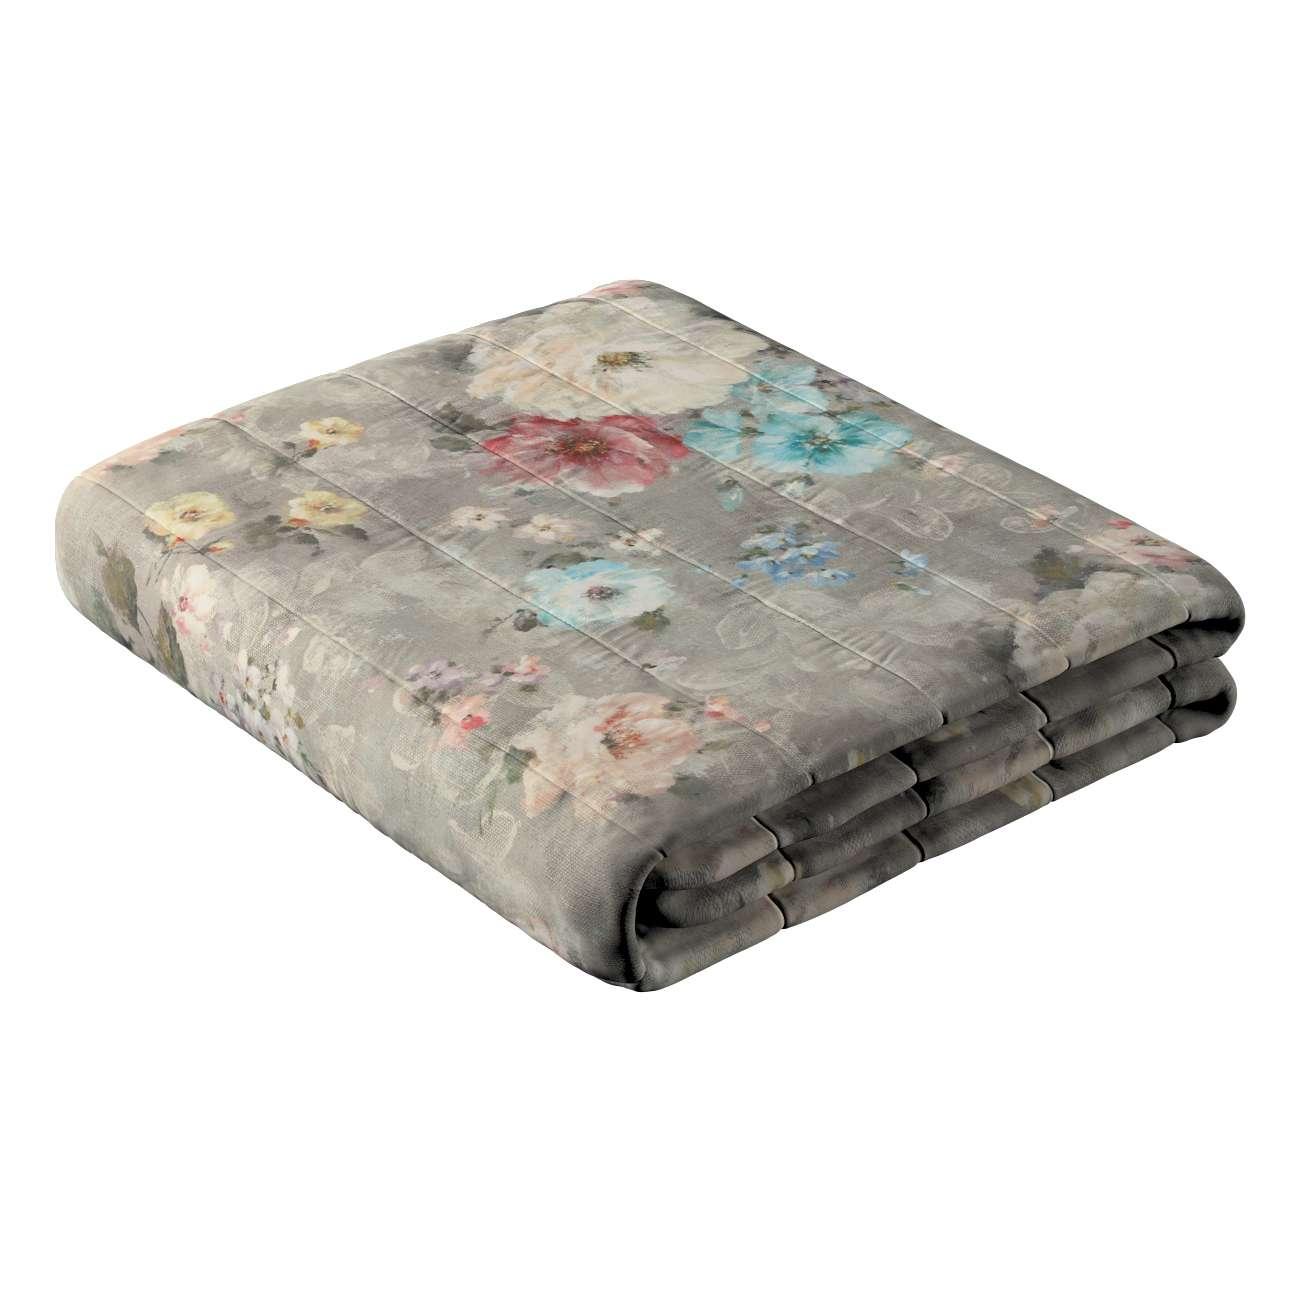 Narzuta pikowana w pasy w kolekcji Monet, tkanina: 137-81